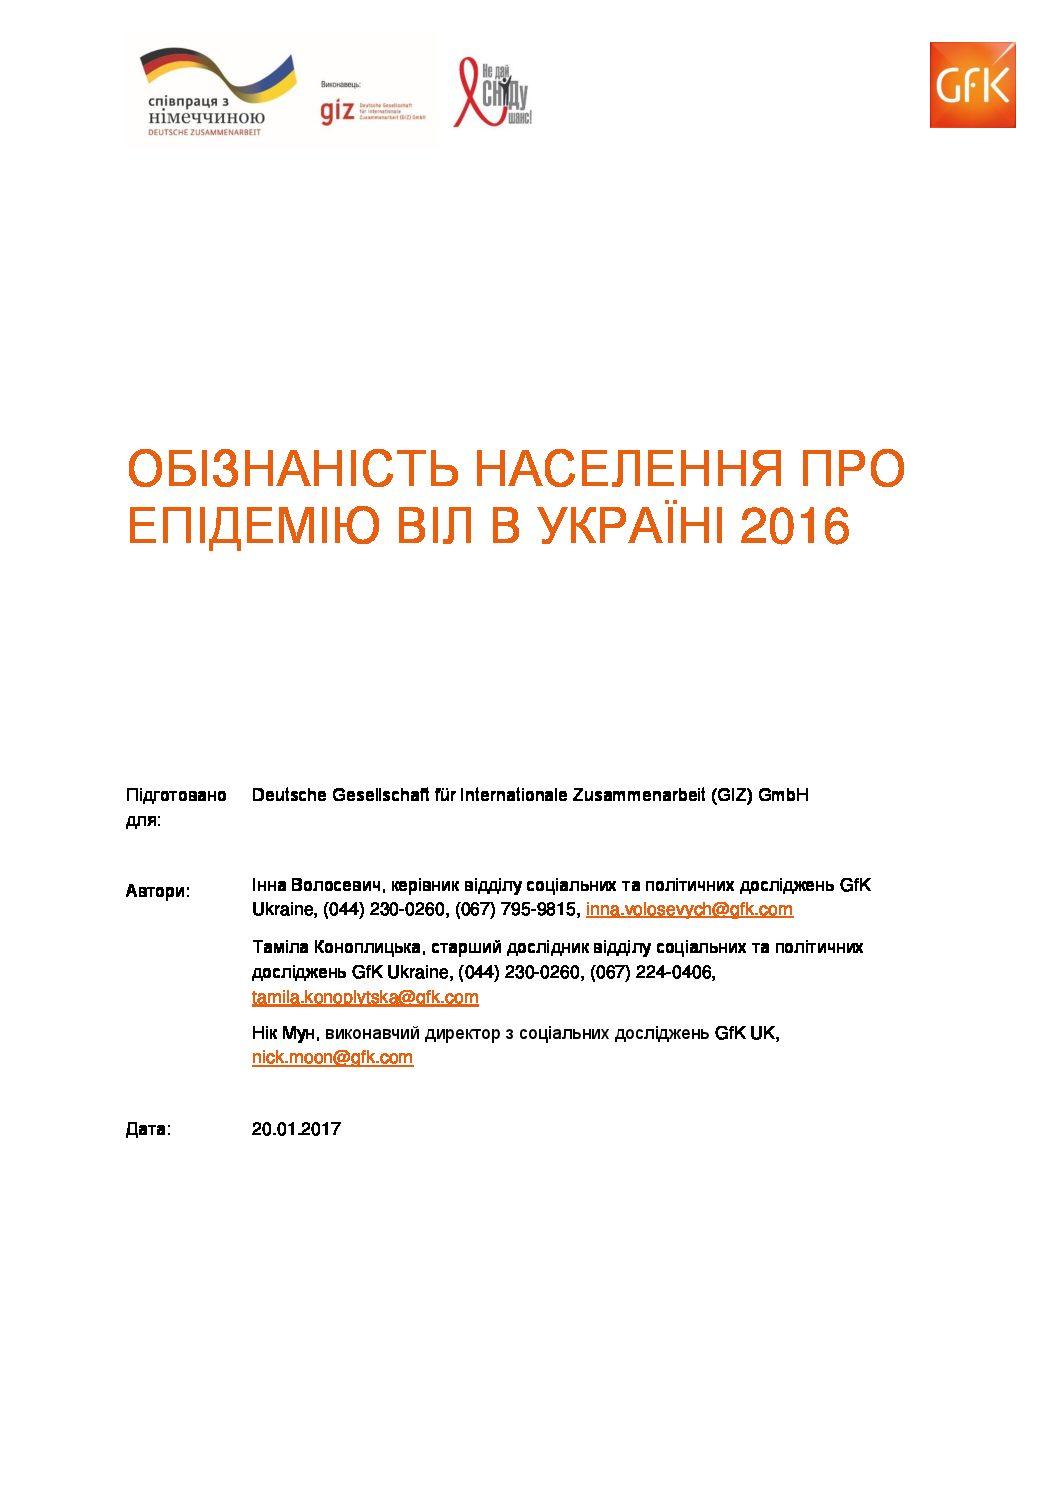 """Дослідження """"Обізнаність населення про епідемію ВІЛ в Україні 2016"""""""